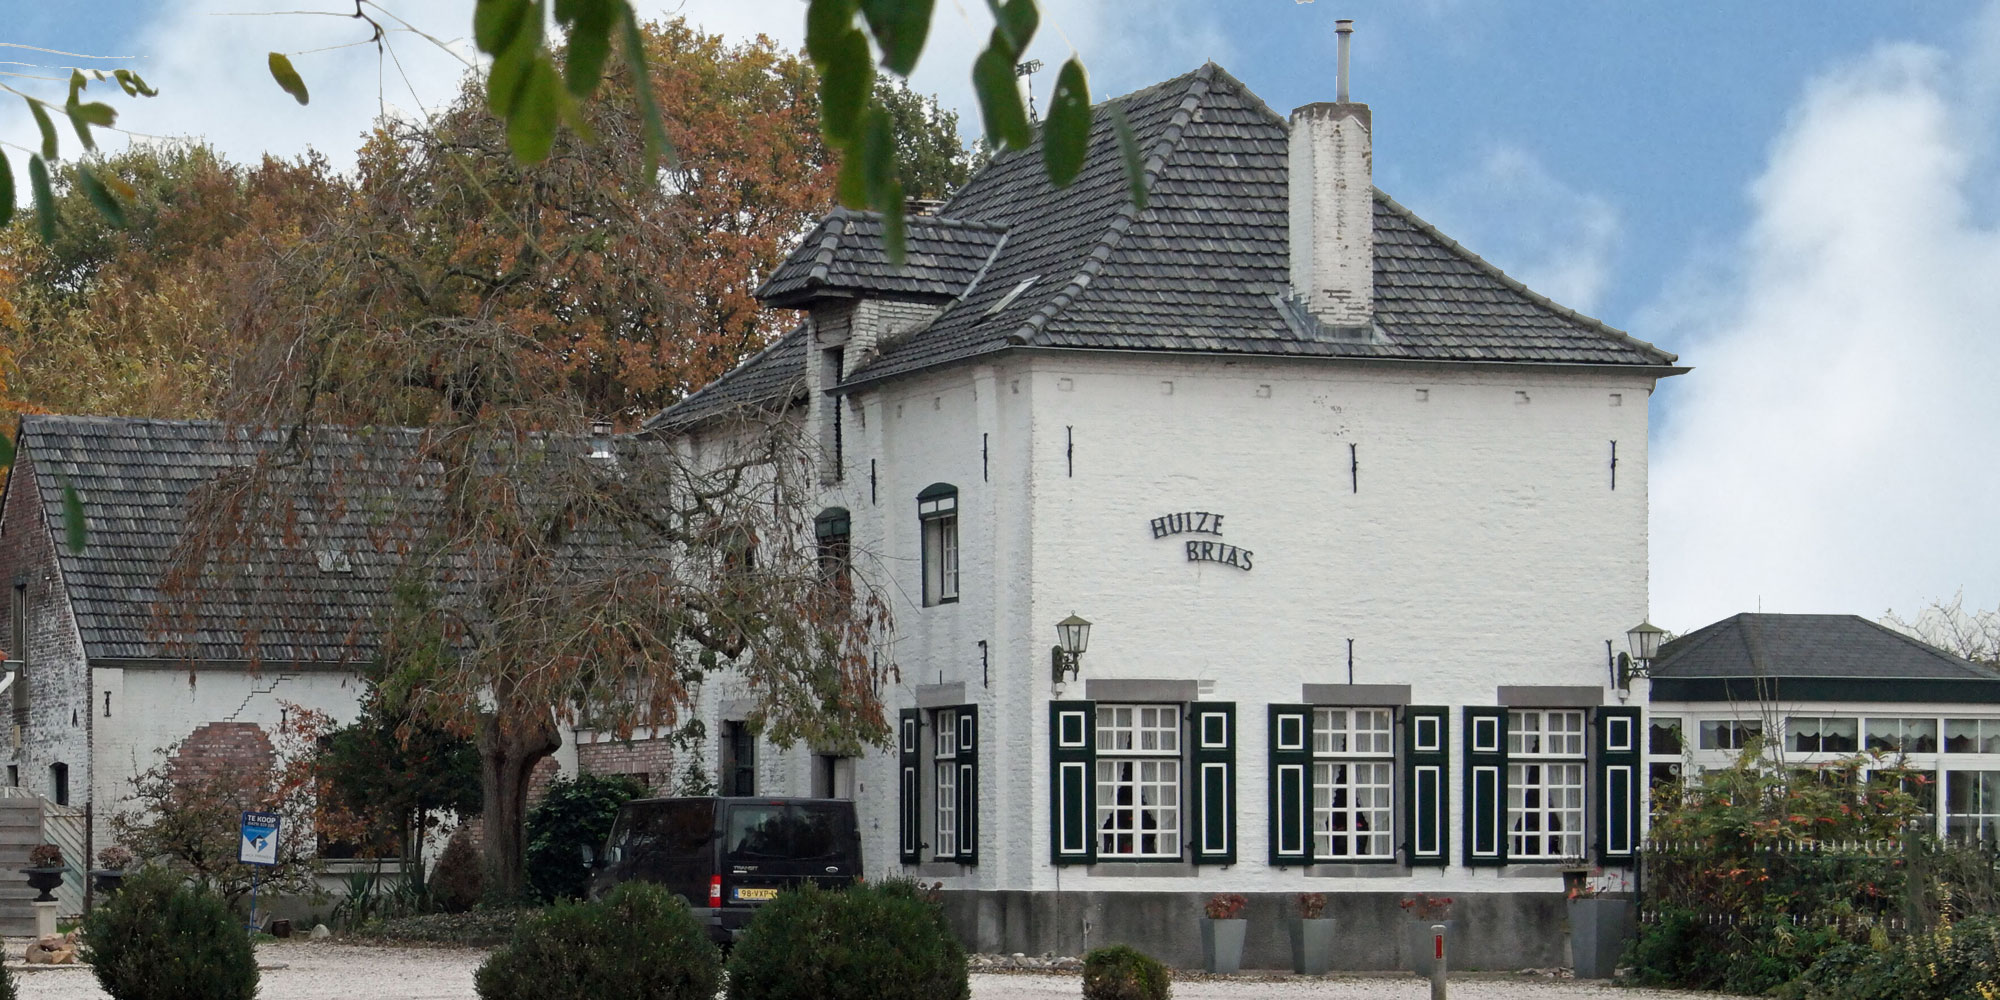 Huize de Brias